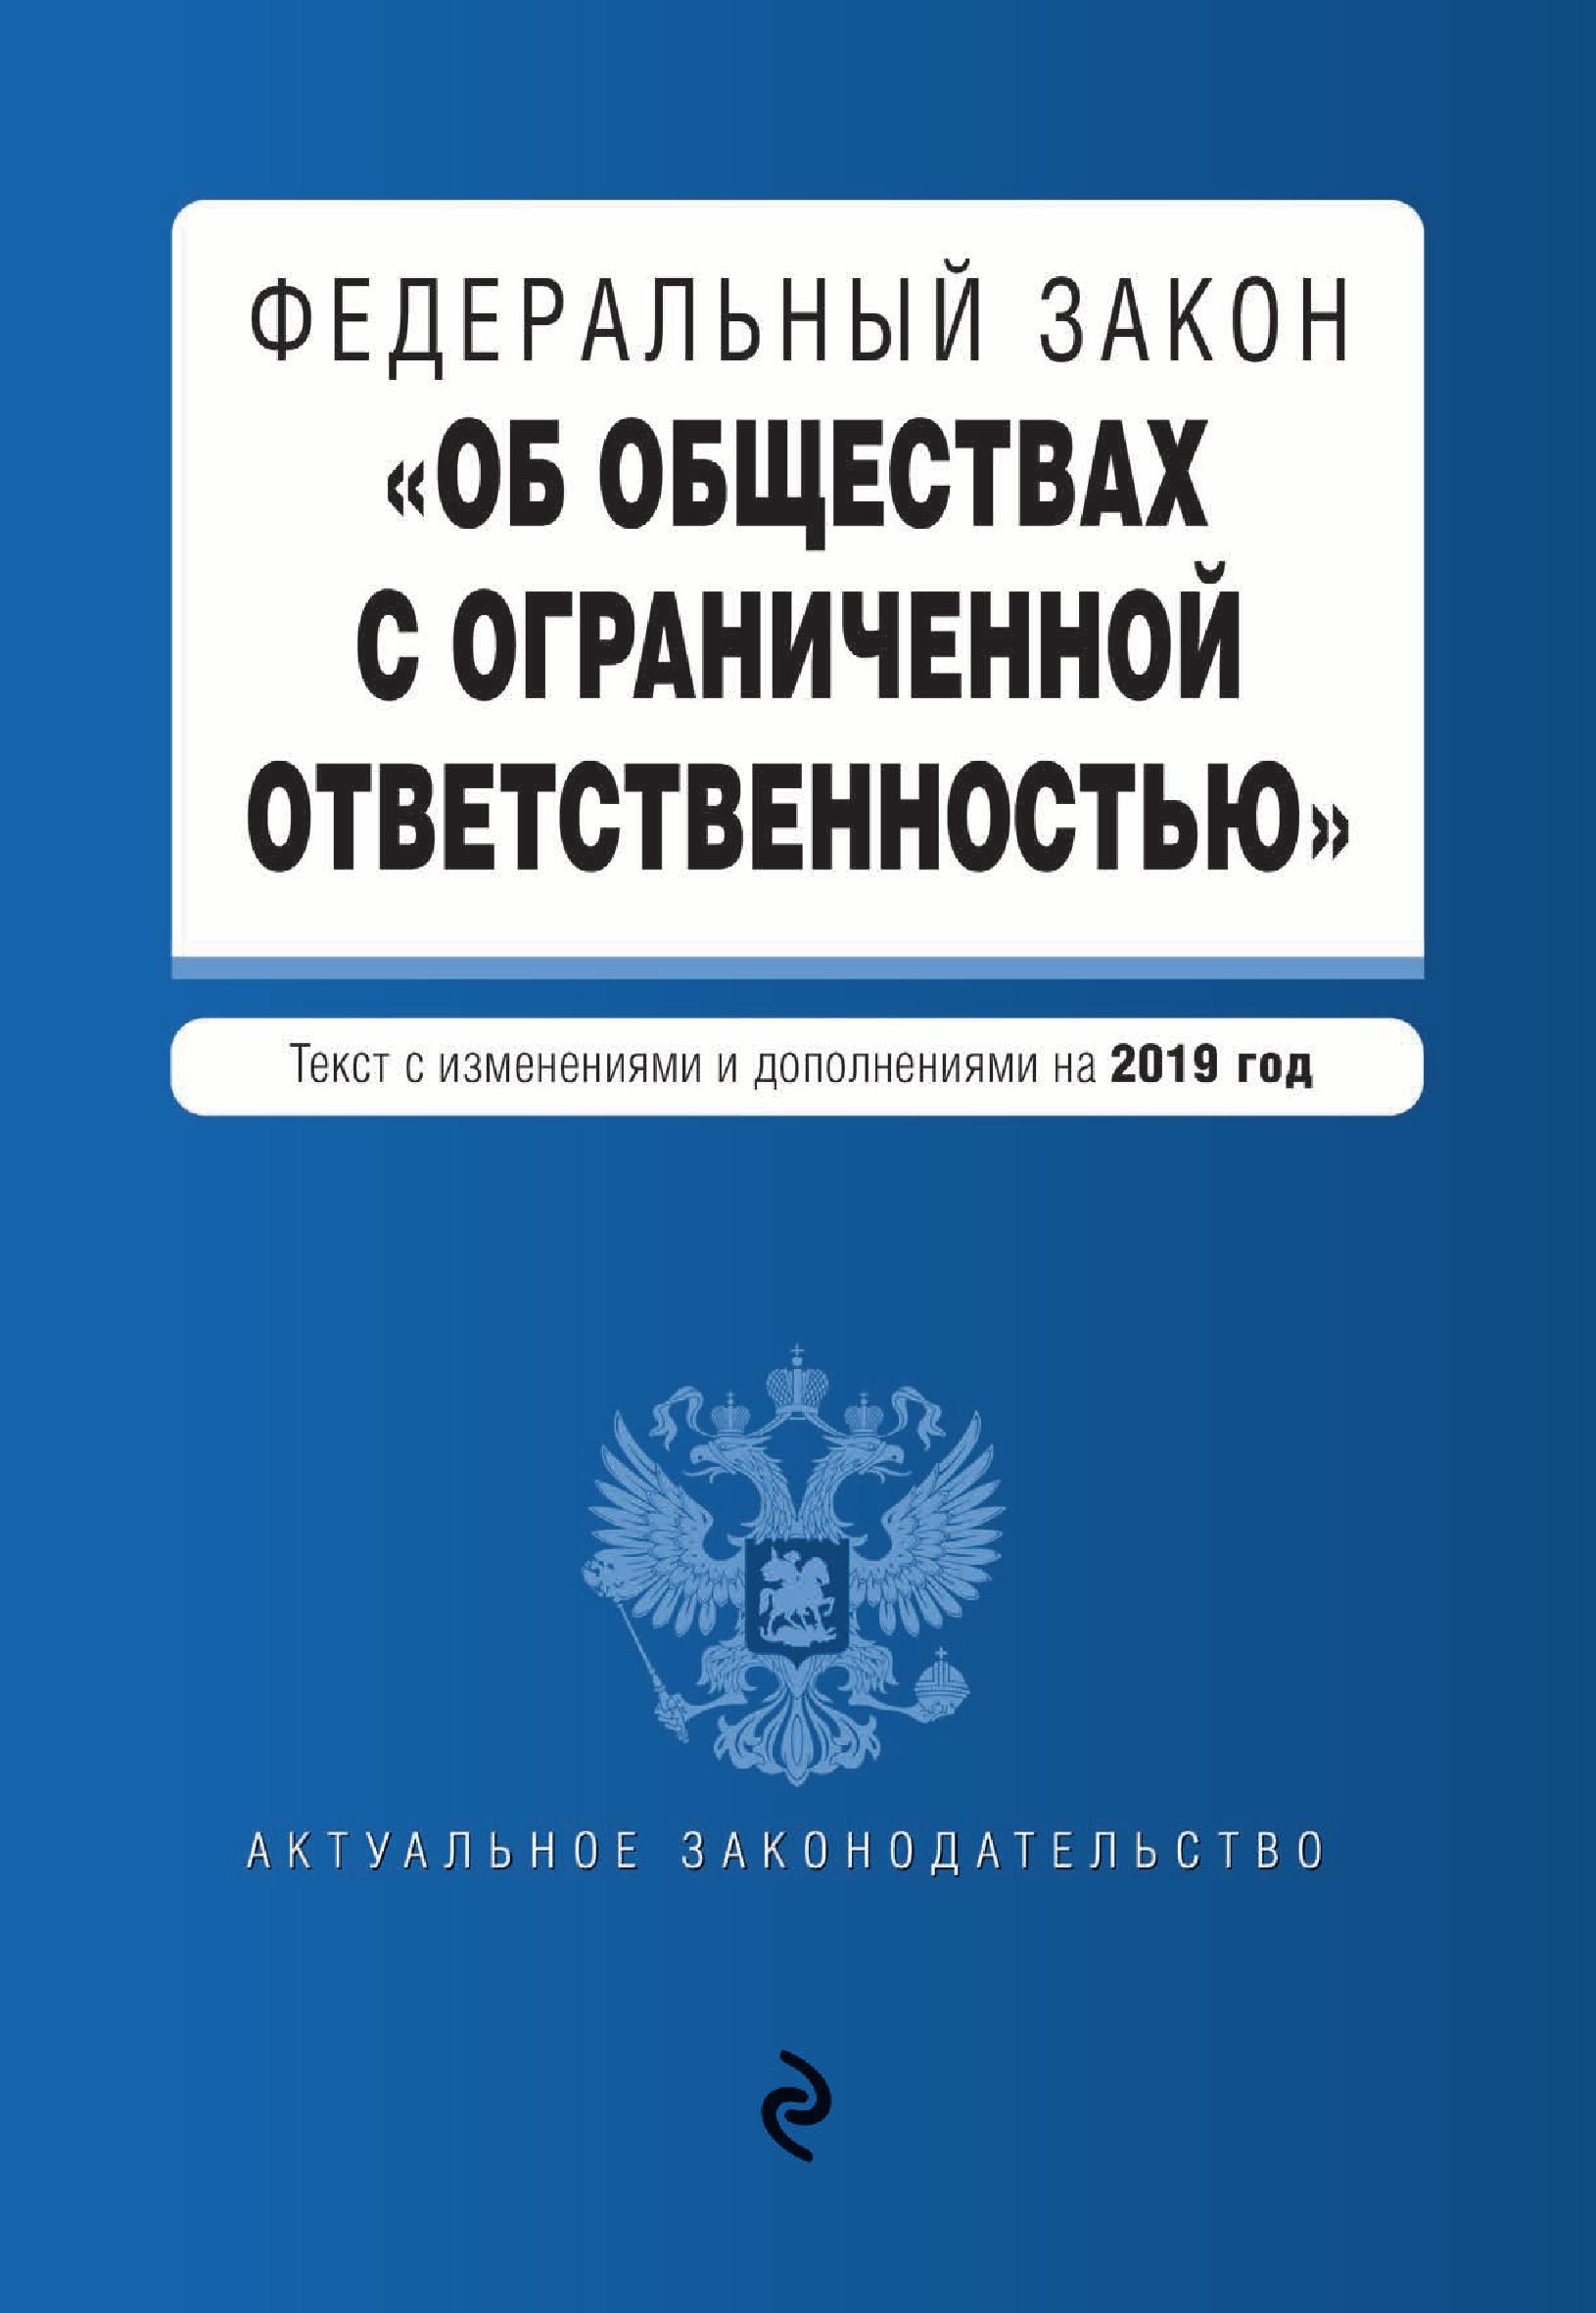 Федеральный закон «Об обществах с ограниченной ответственностью». Текст с изменениями и дополнениями на 2019 год фото